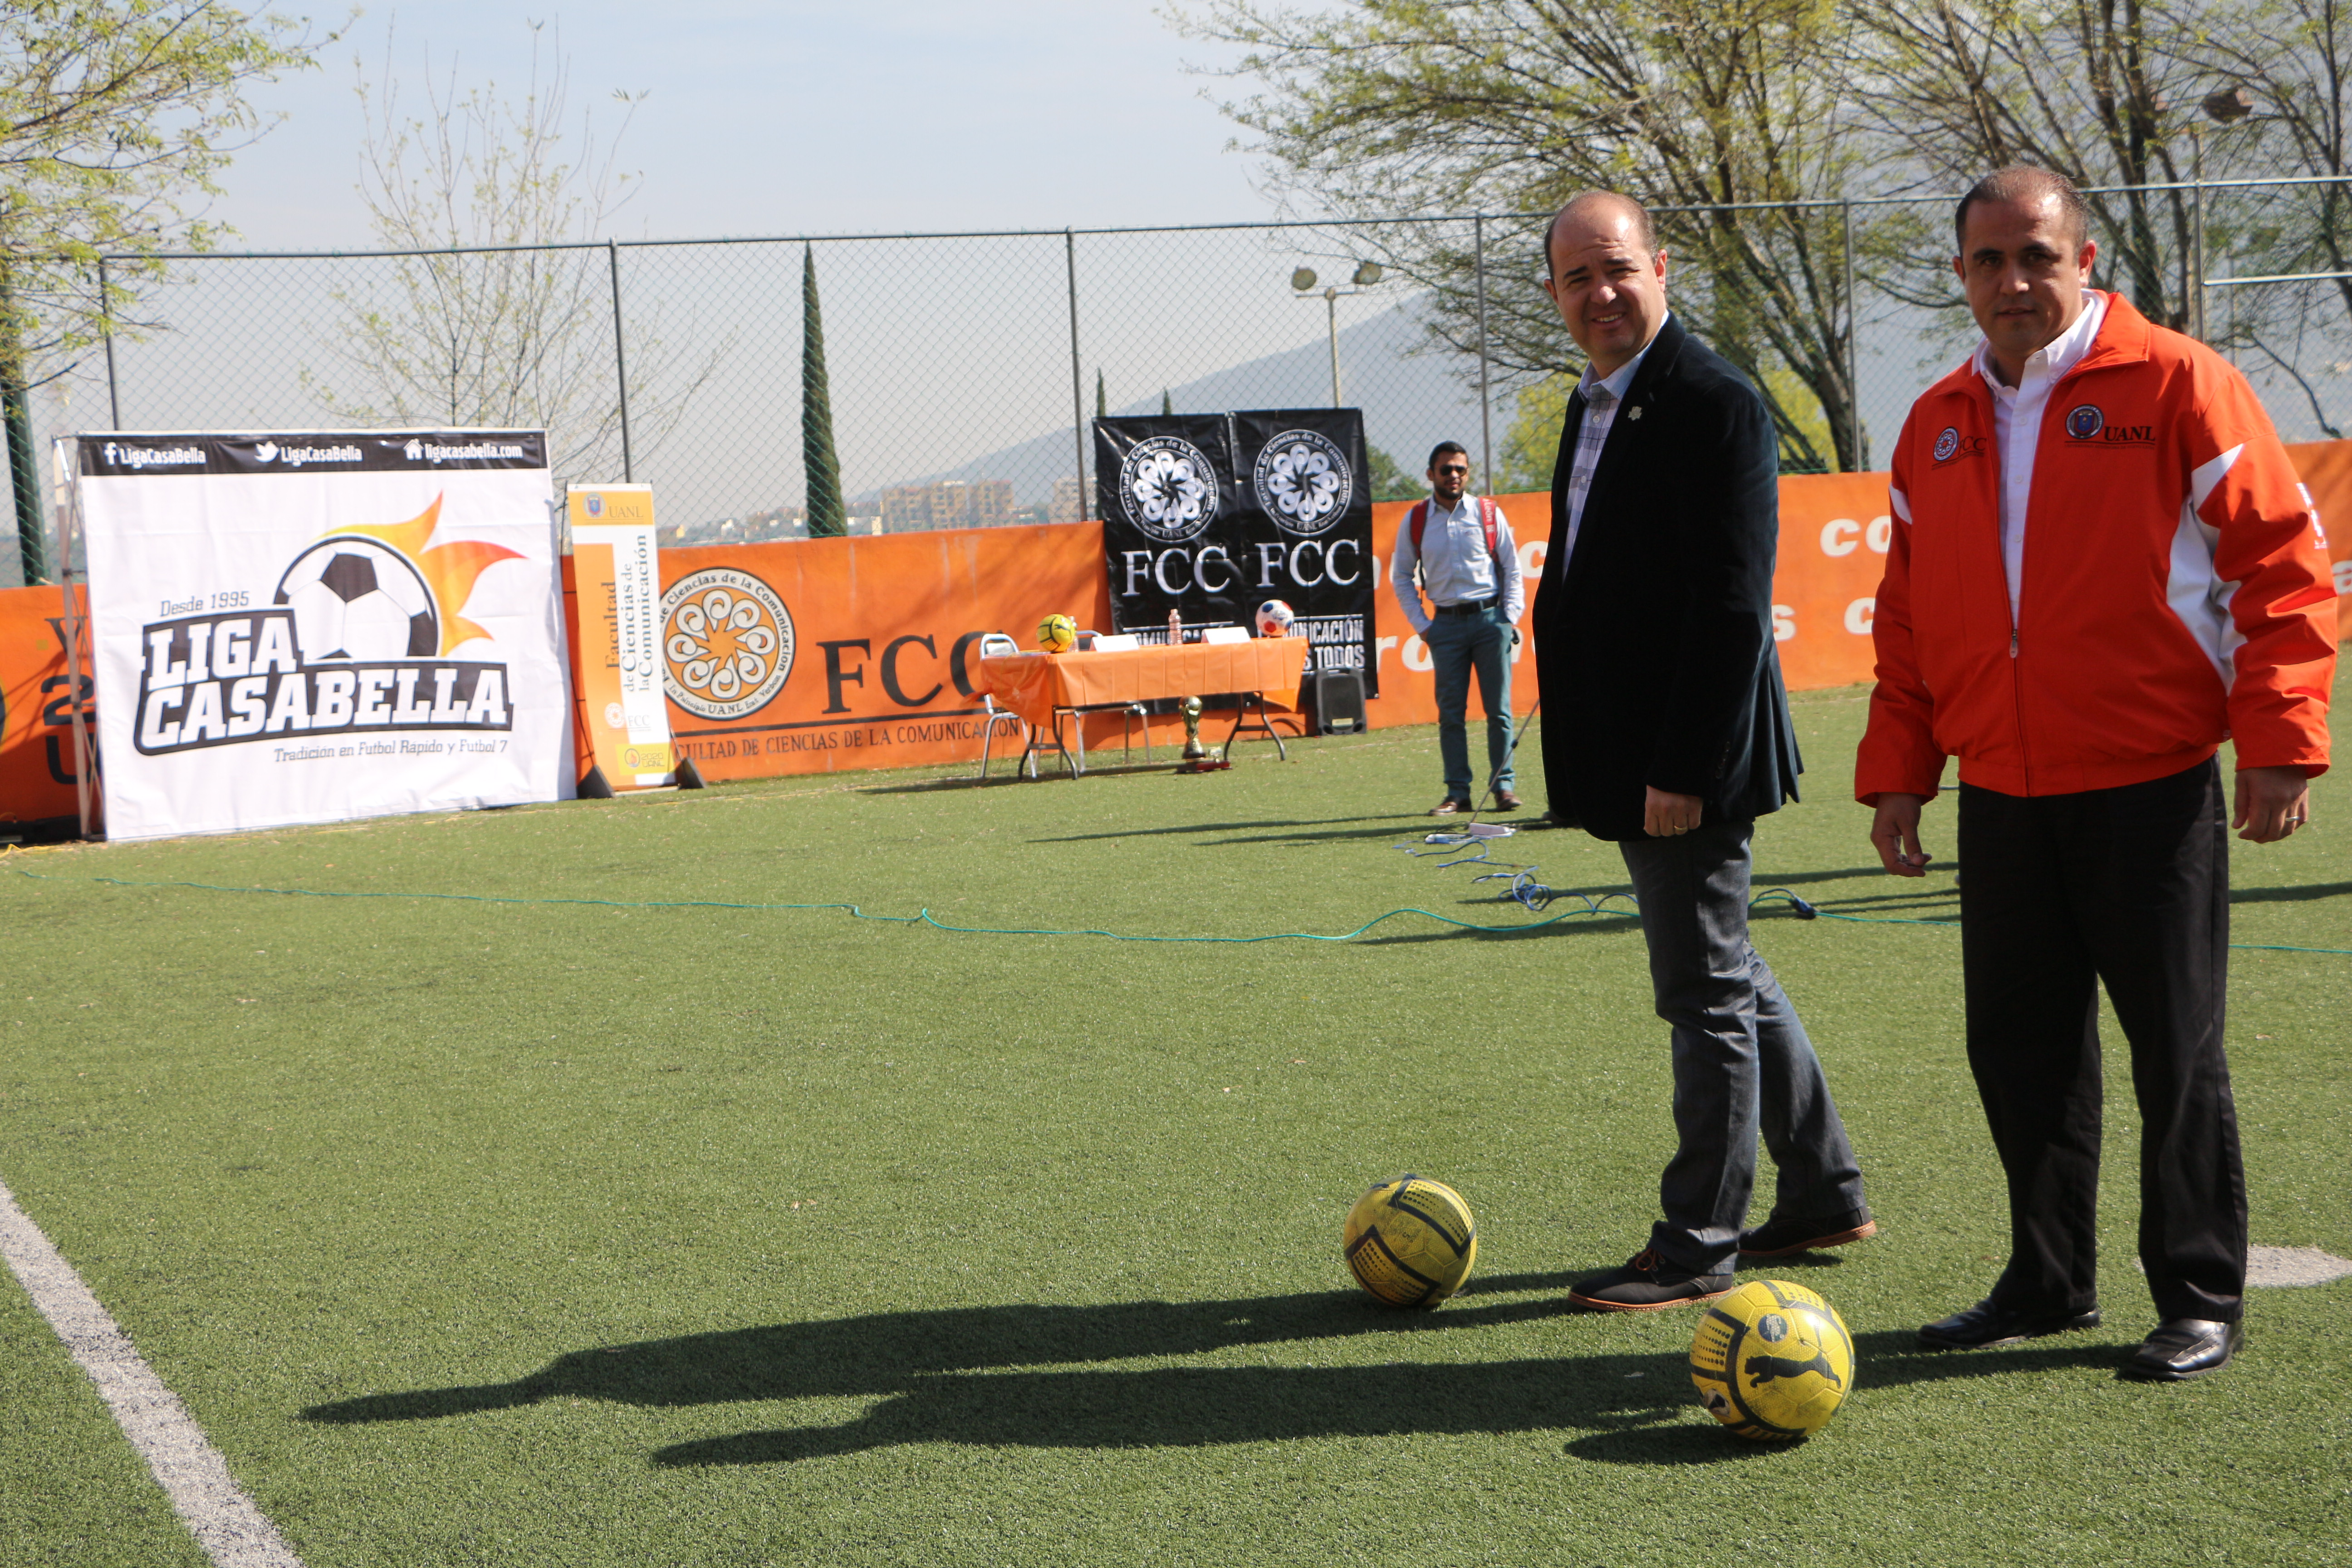 Liga Casa Bella y Futbol Rápido creciendo juntos en Nuevo León